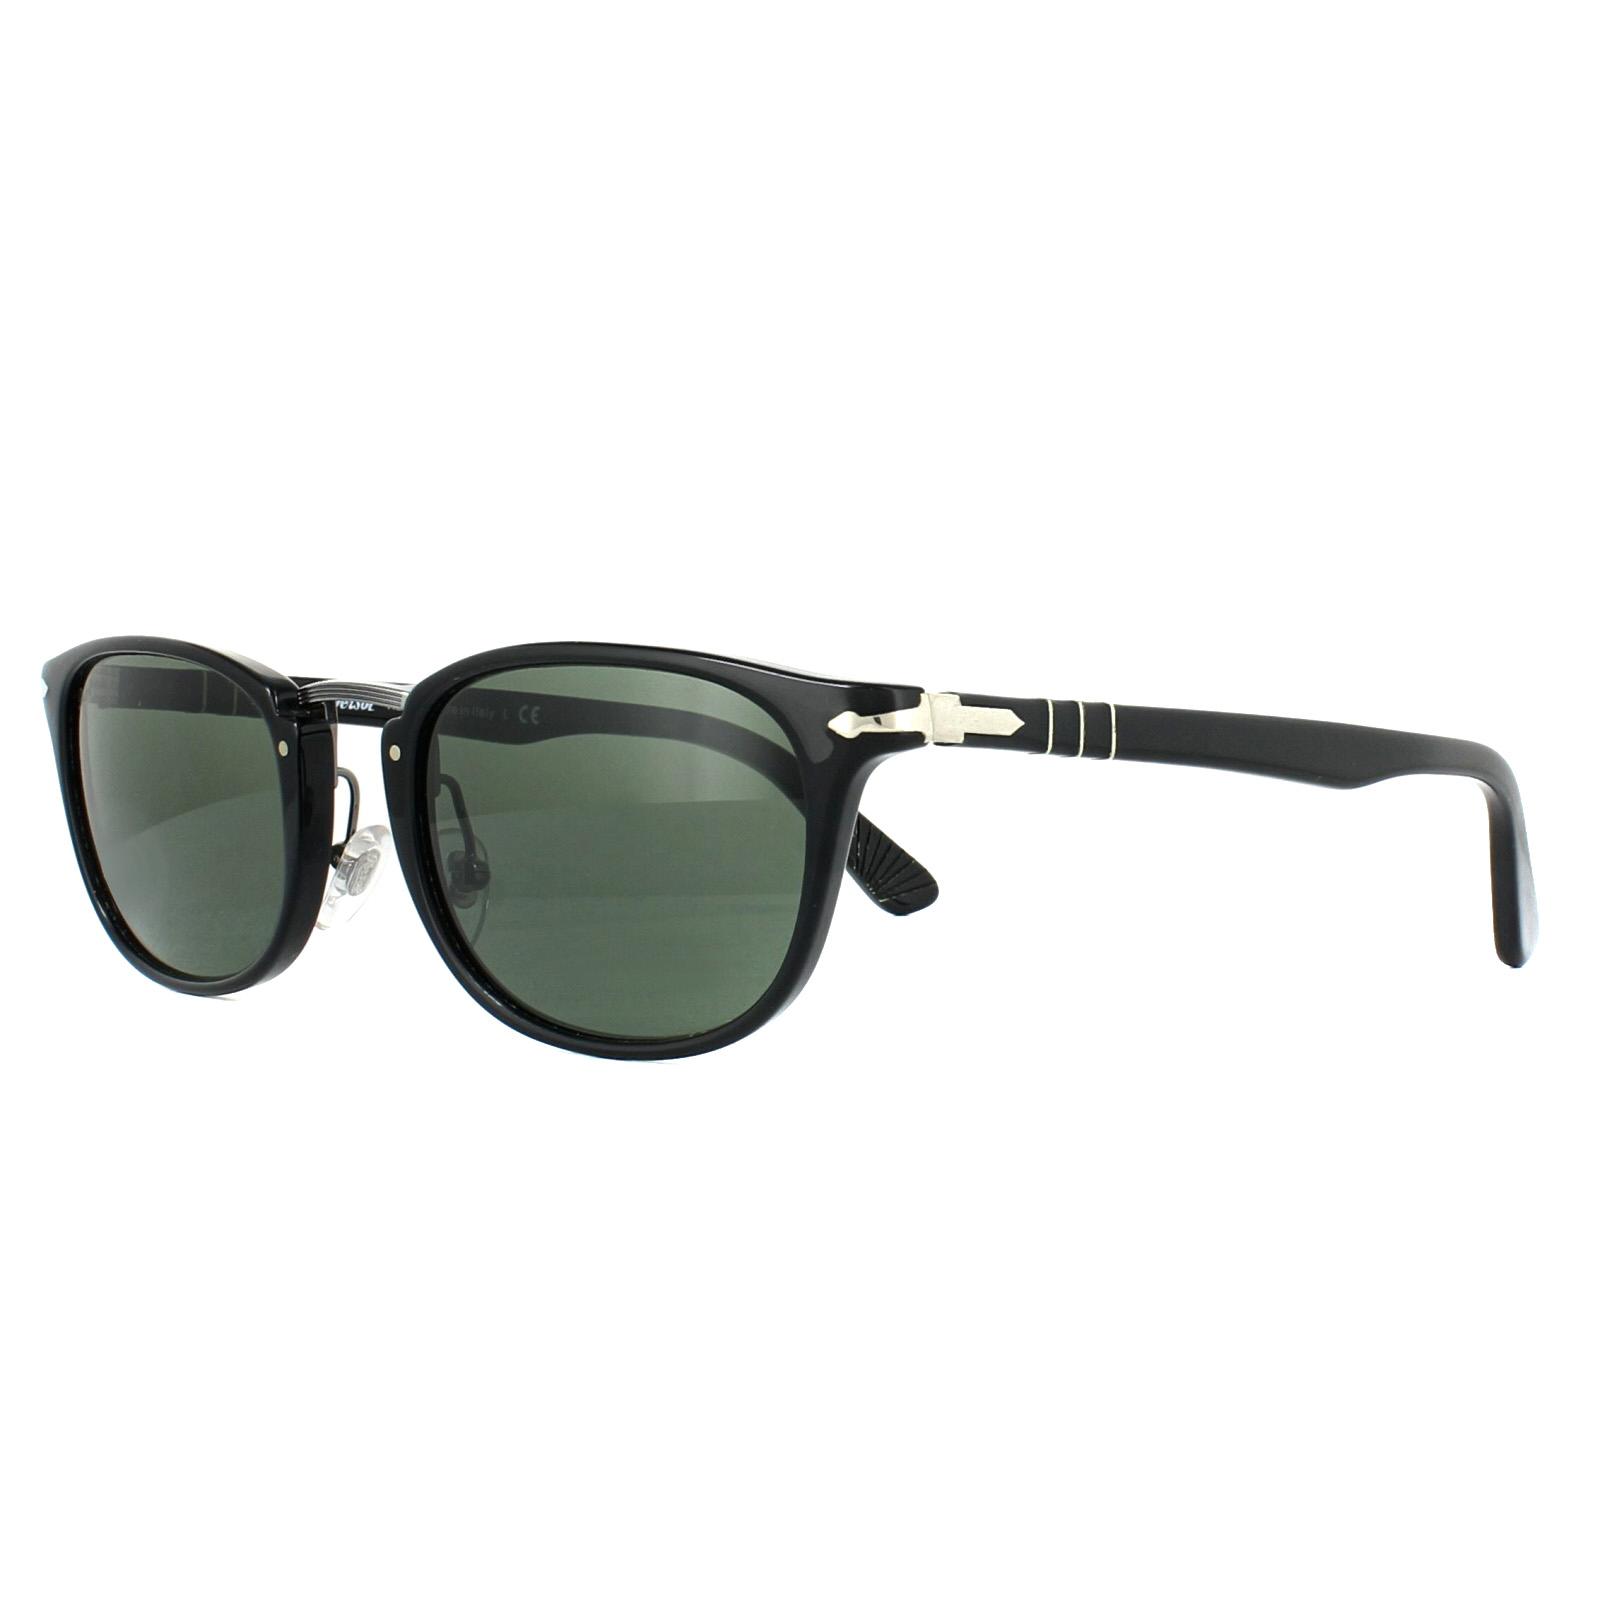 55532758709 Persol Sunglasses 3127S 95 31 Black Green 8053672472660